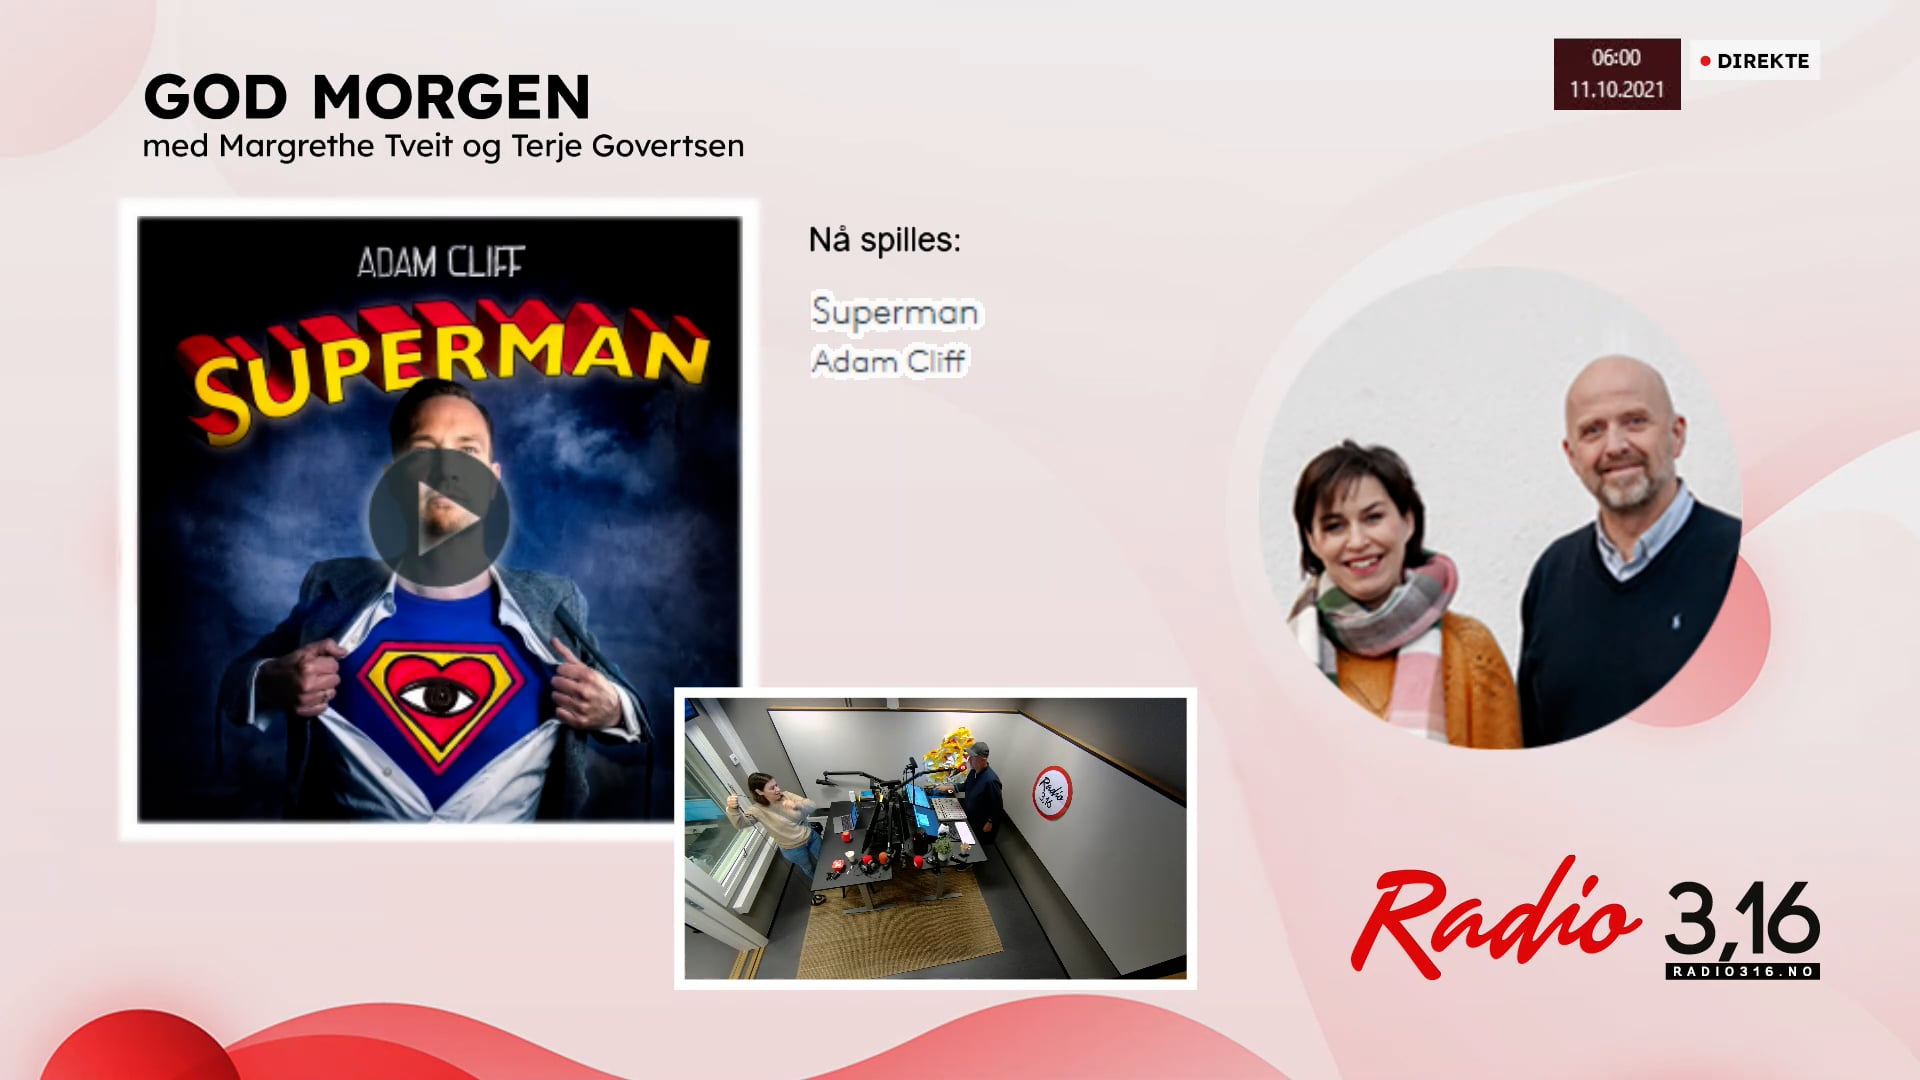 Radio 3,16 | 11 oktober 2021 - God Morgen med Margrethe og Terje